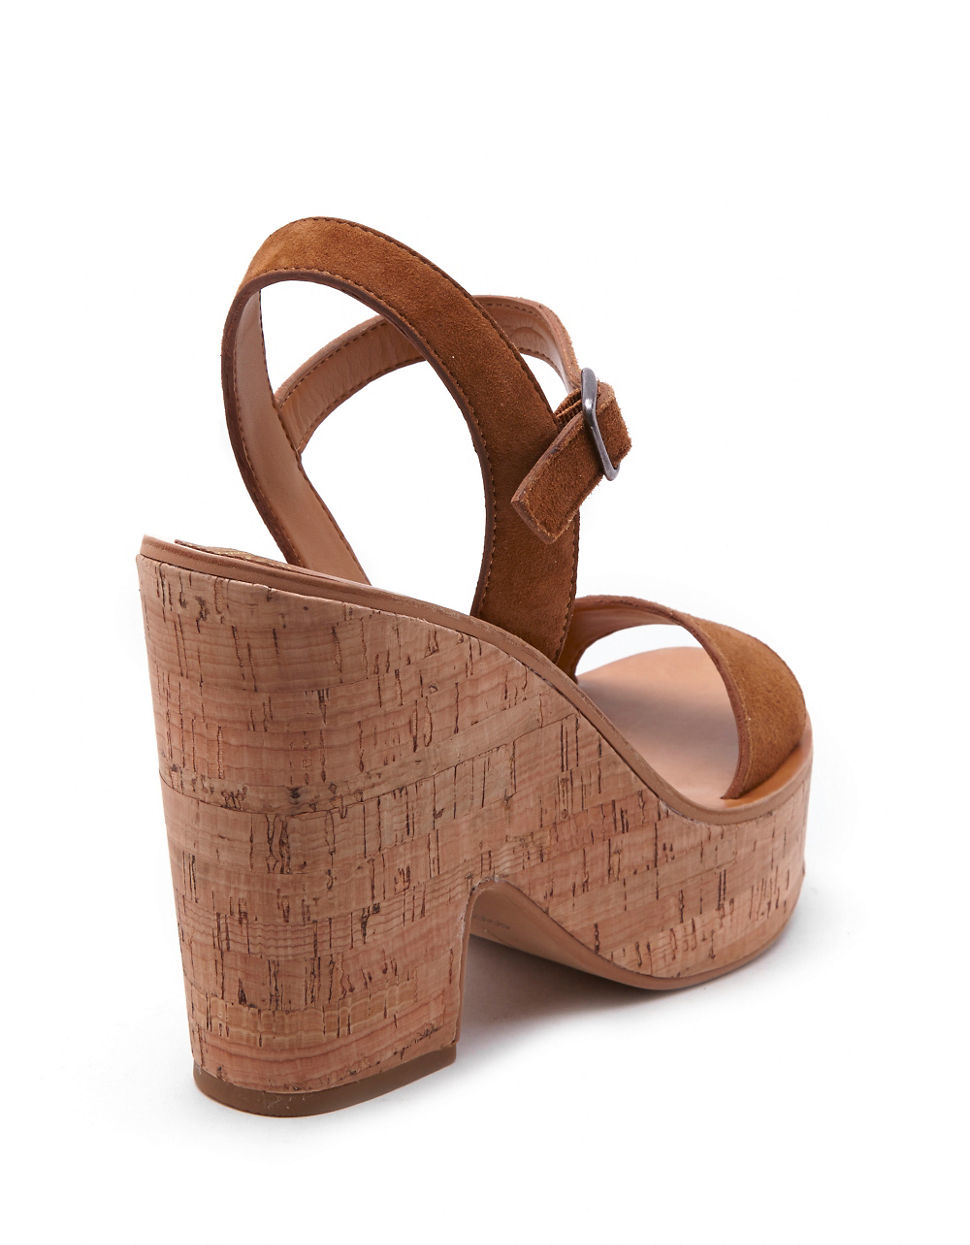 dolce vita randi suede platform sandals in brown lyst